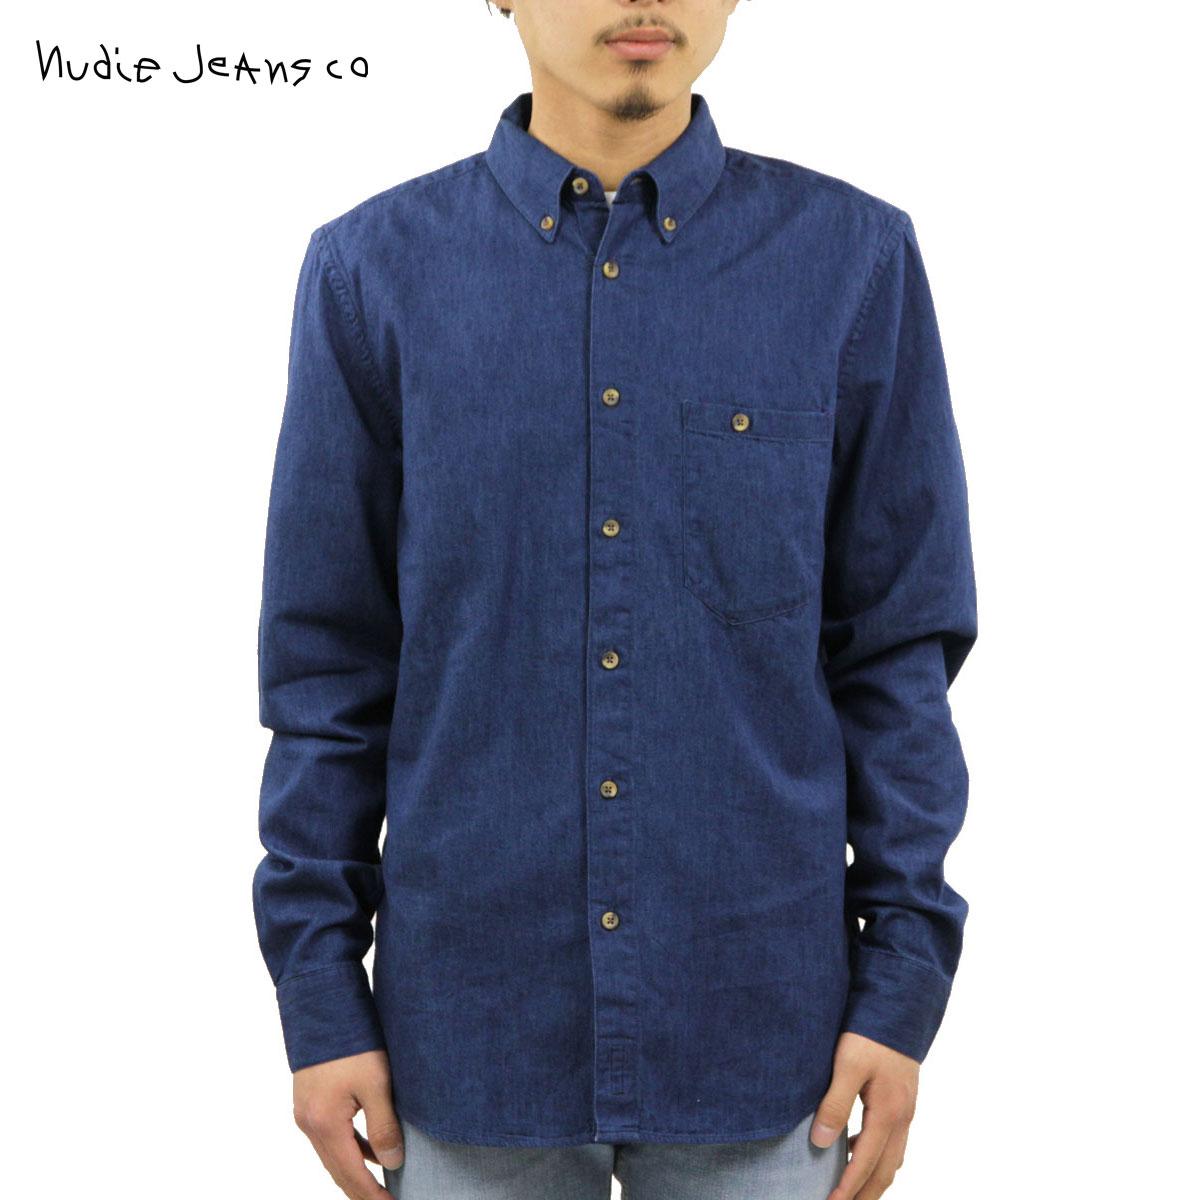 ヌーディージーンズ シャツ メンズ 正規販売店 Nudie Jeans 長袖シャツ Stanley Blue 140347